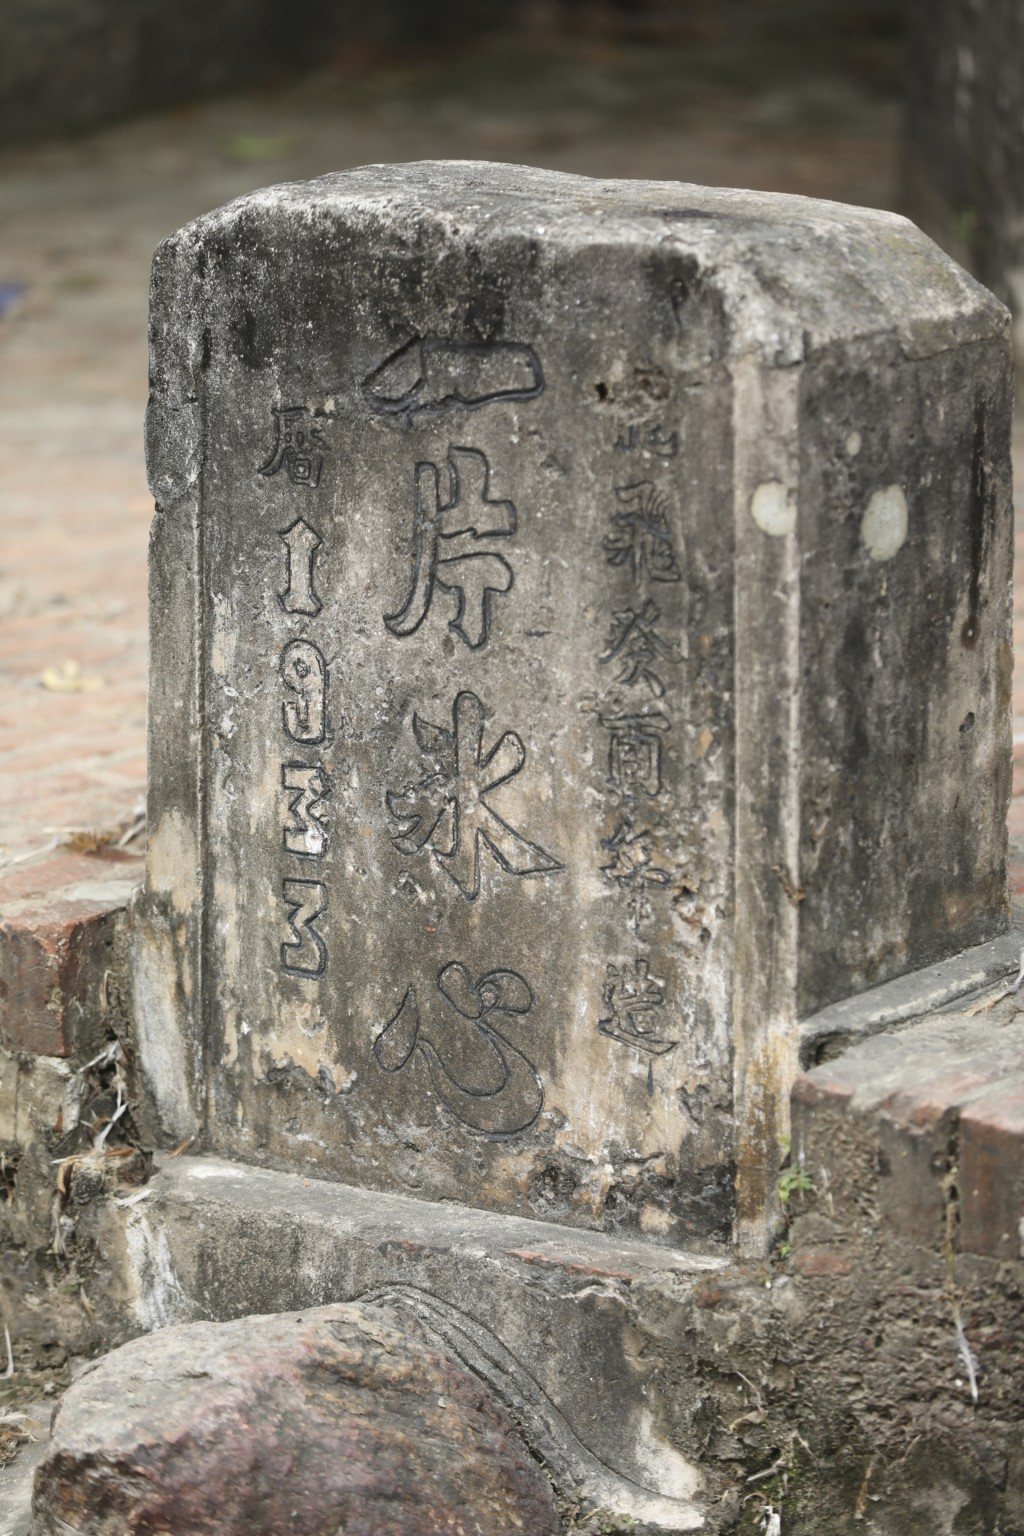 1933年とある。まだまだ、漢字を使える世代が多く残っていたのだろう